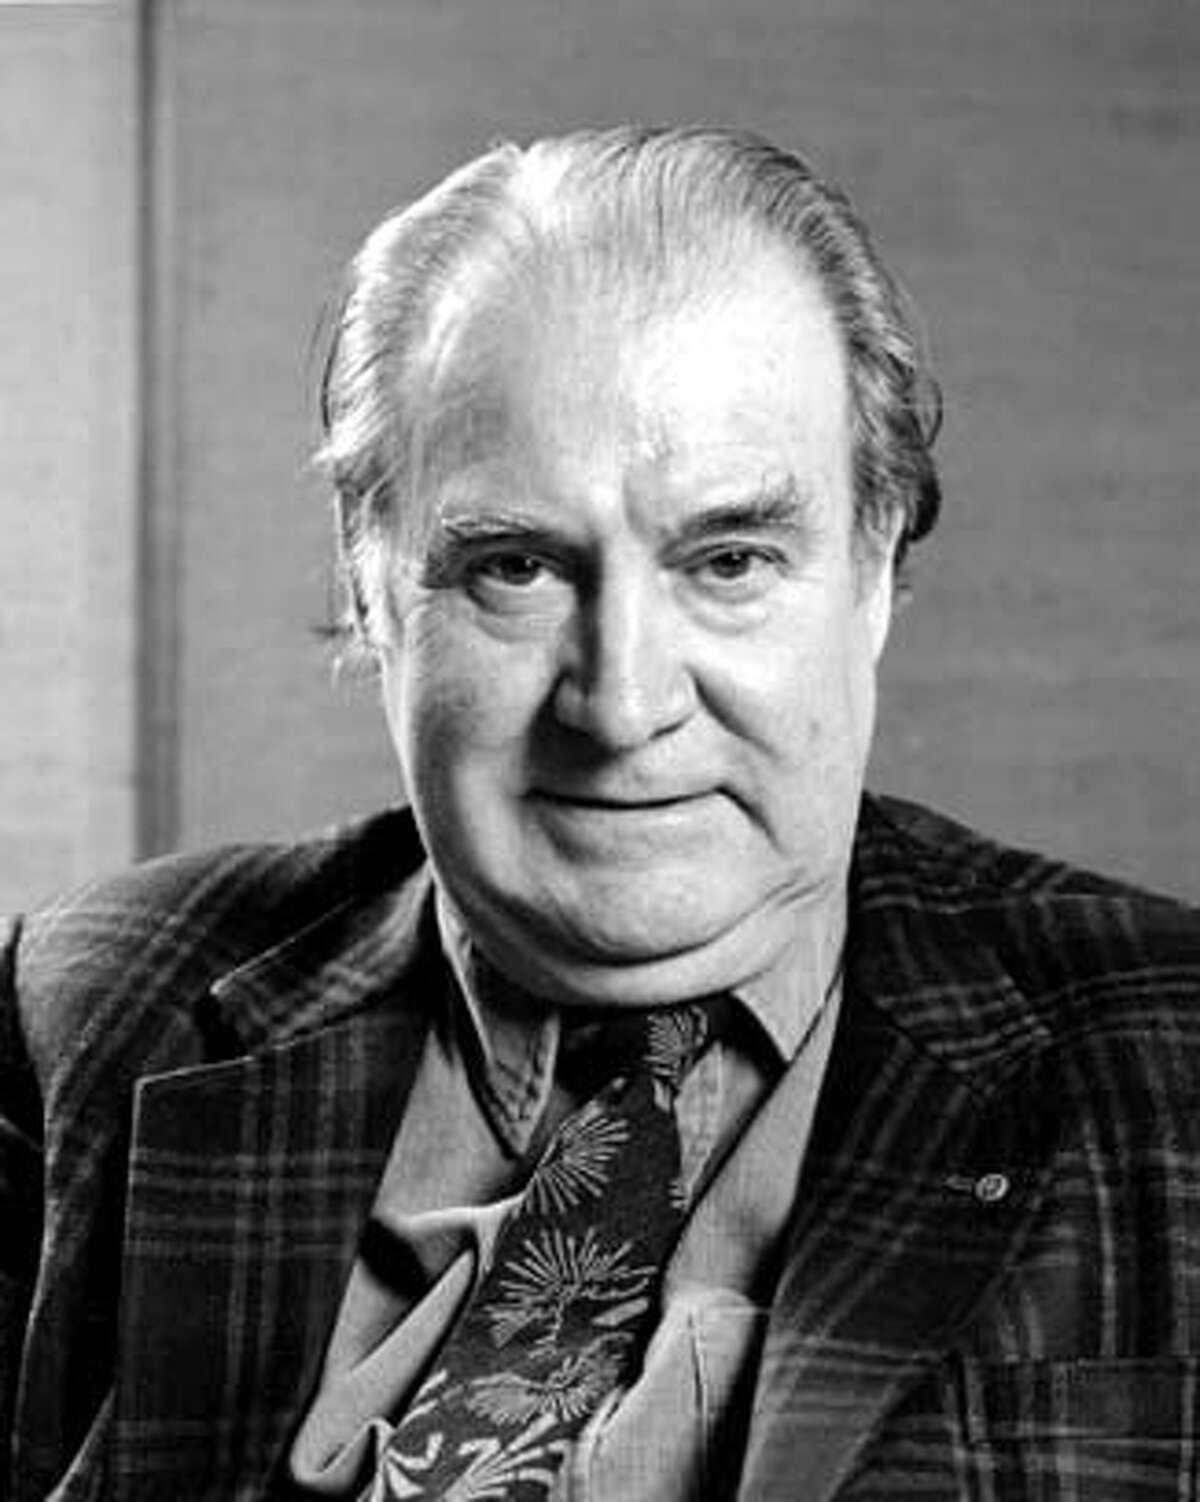 Obituary photo of Otis Cary.